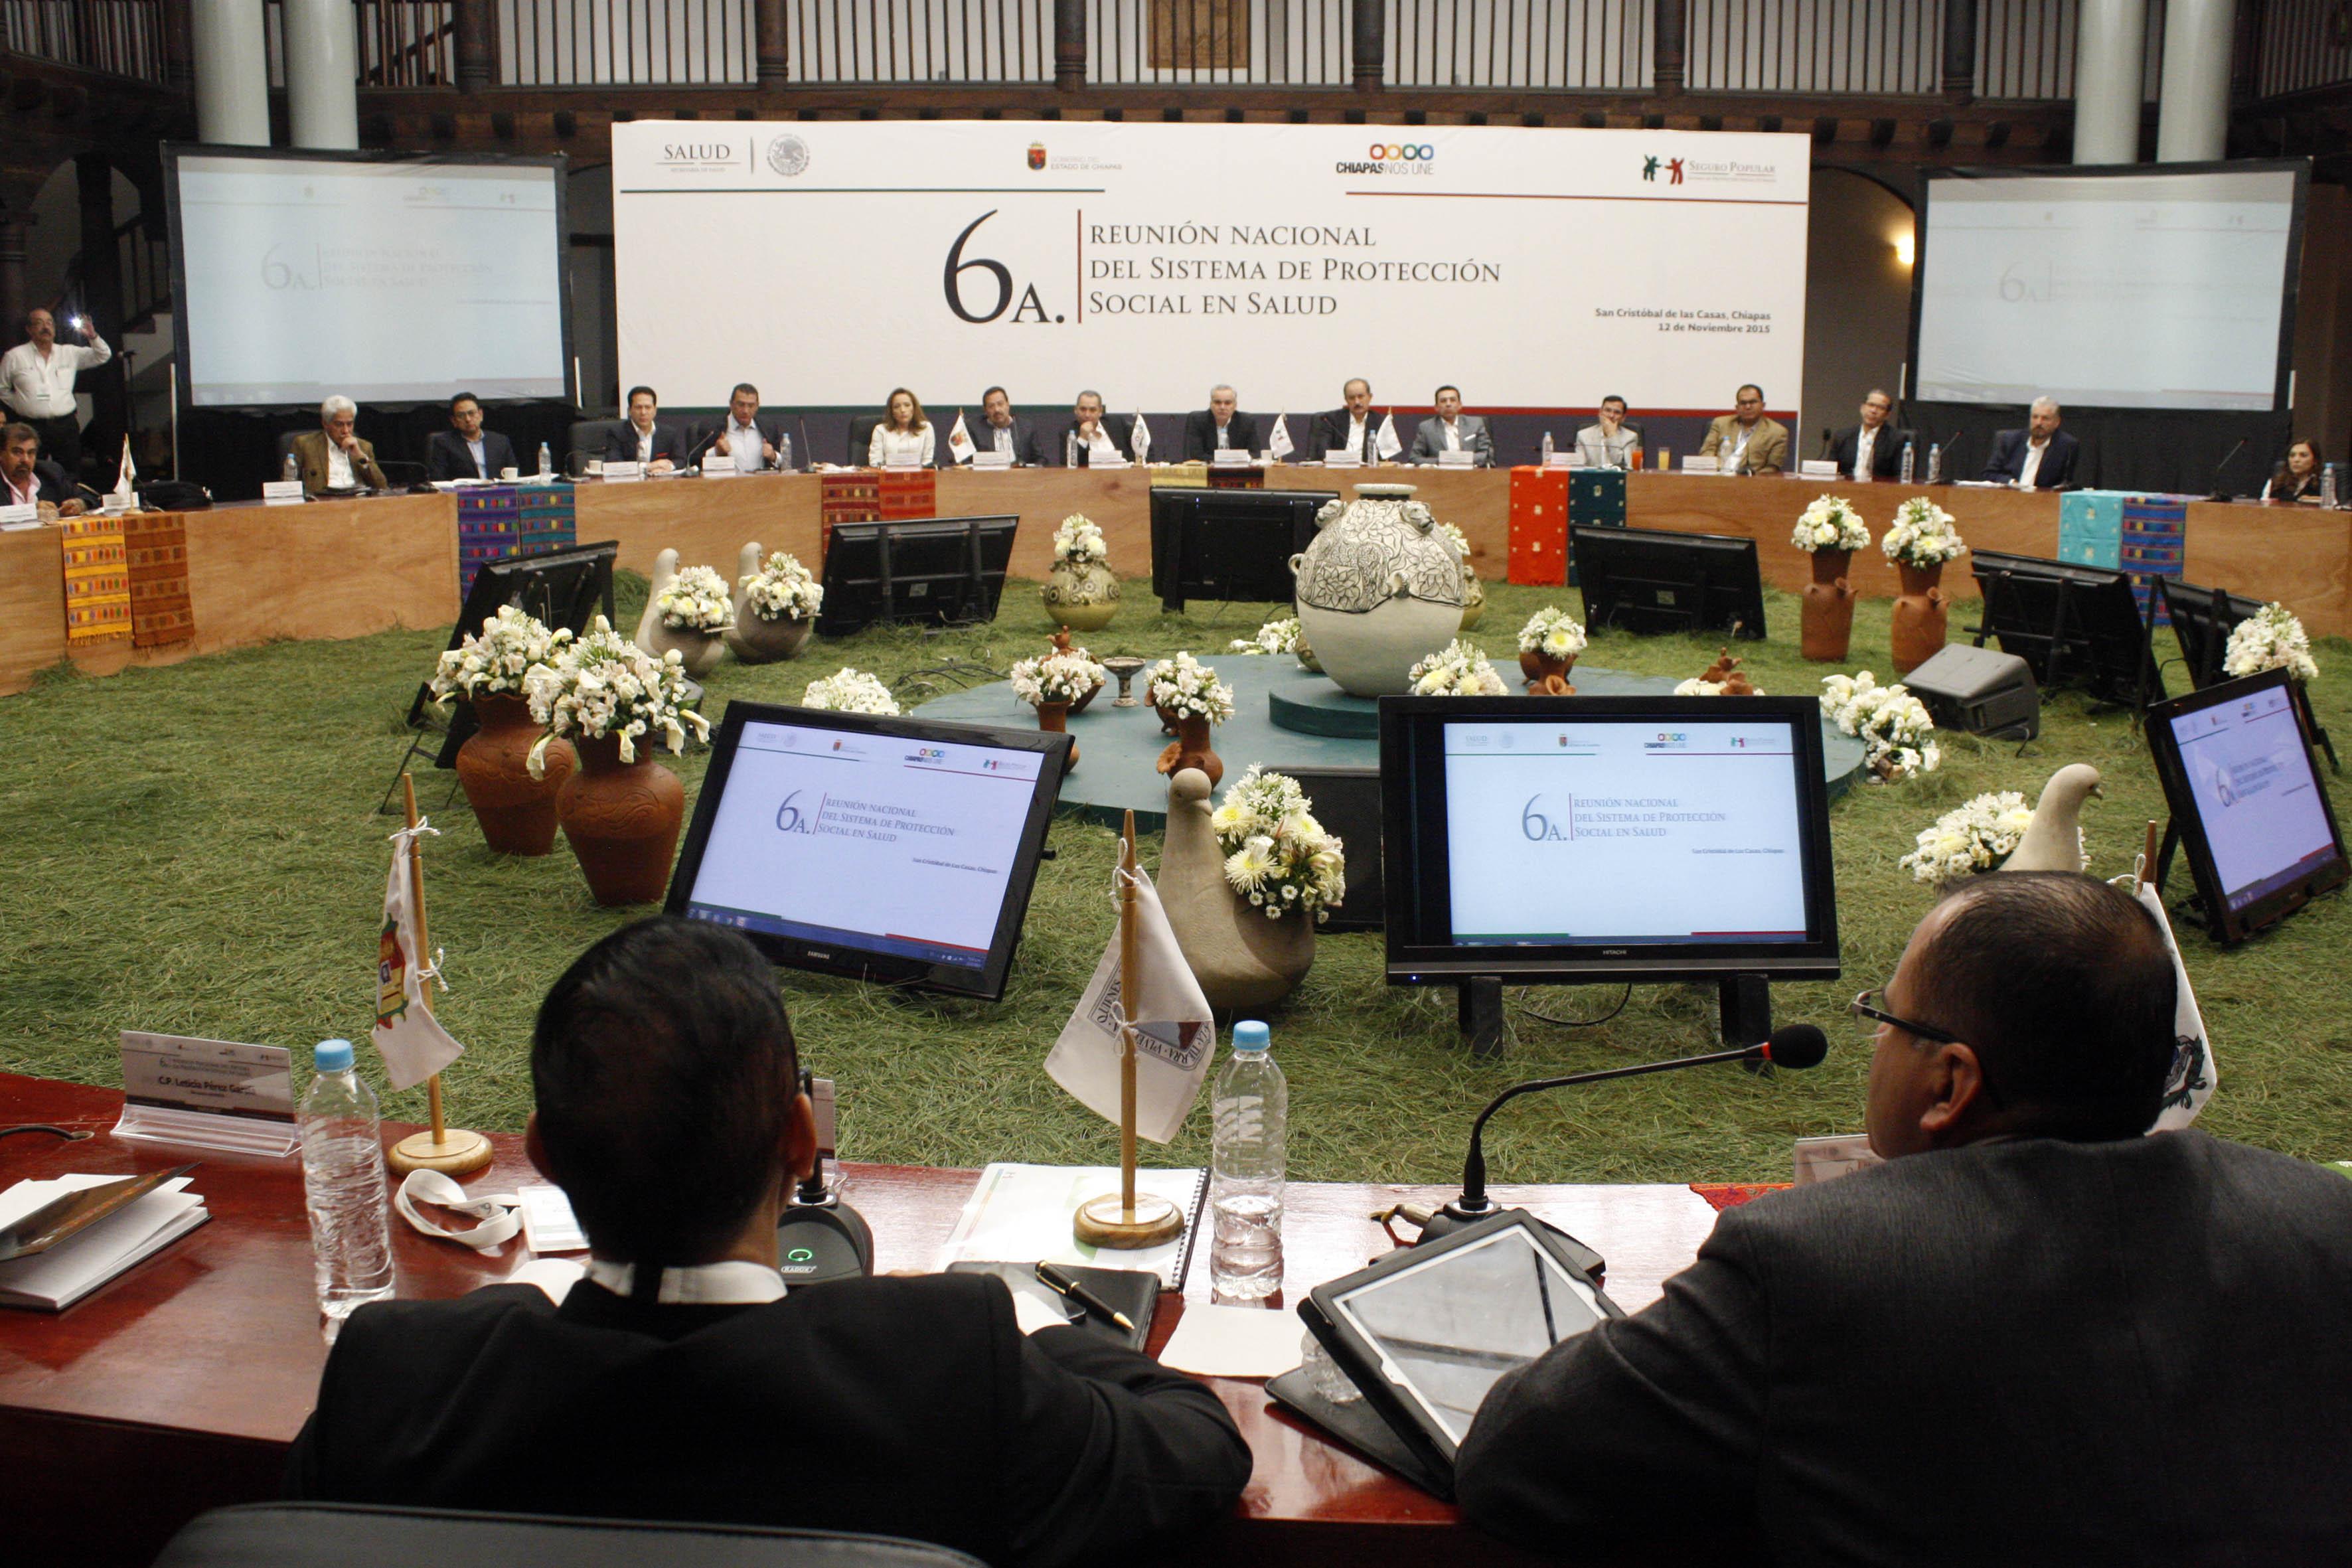 Se ha invertido más de dos mil 600 millones de pesos, para la consecución de 30 acciones en materia de salud.